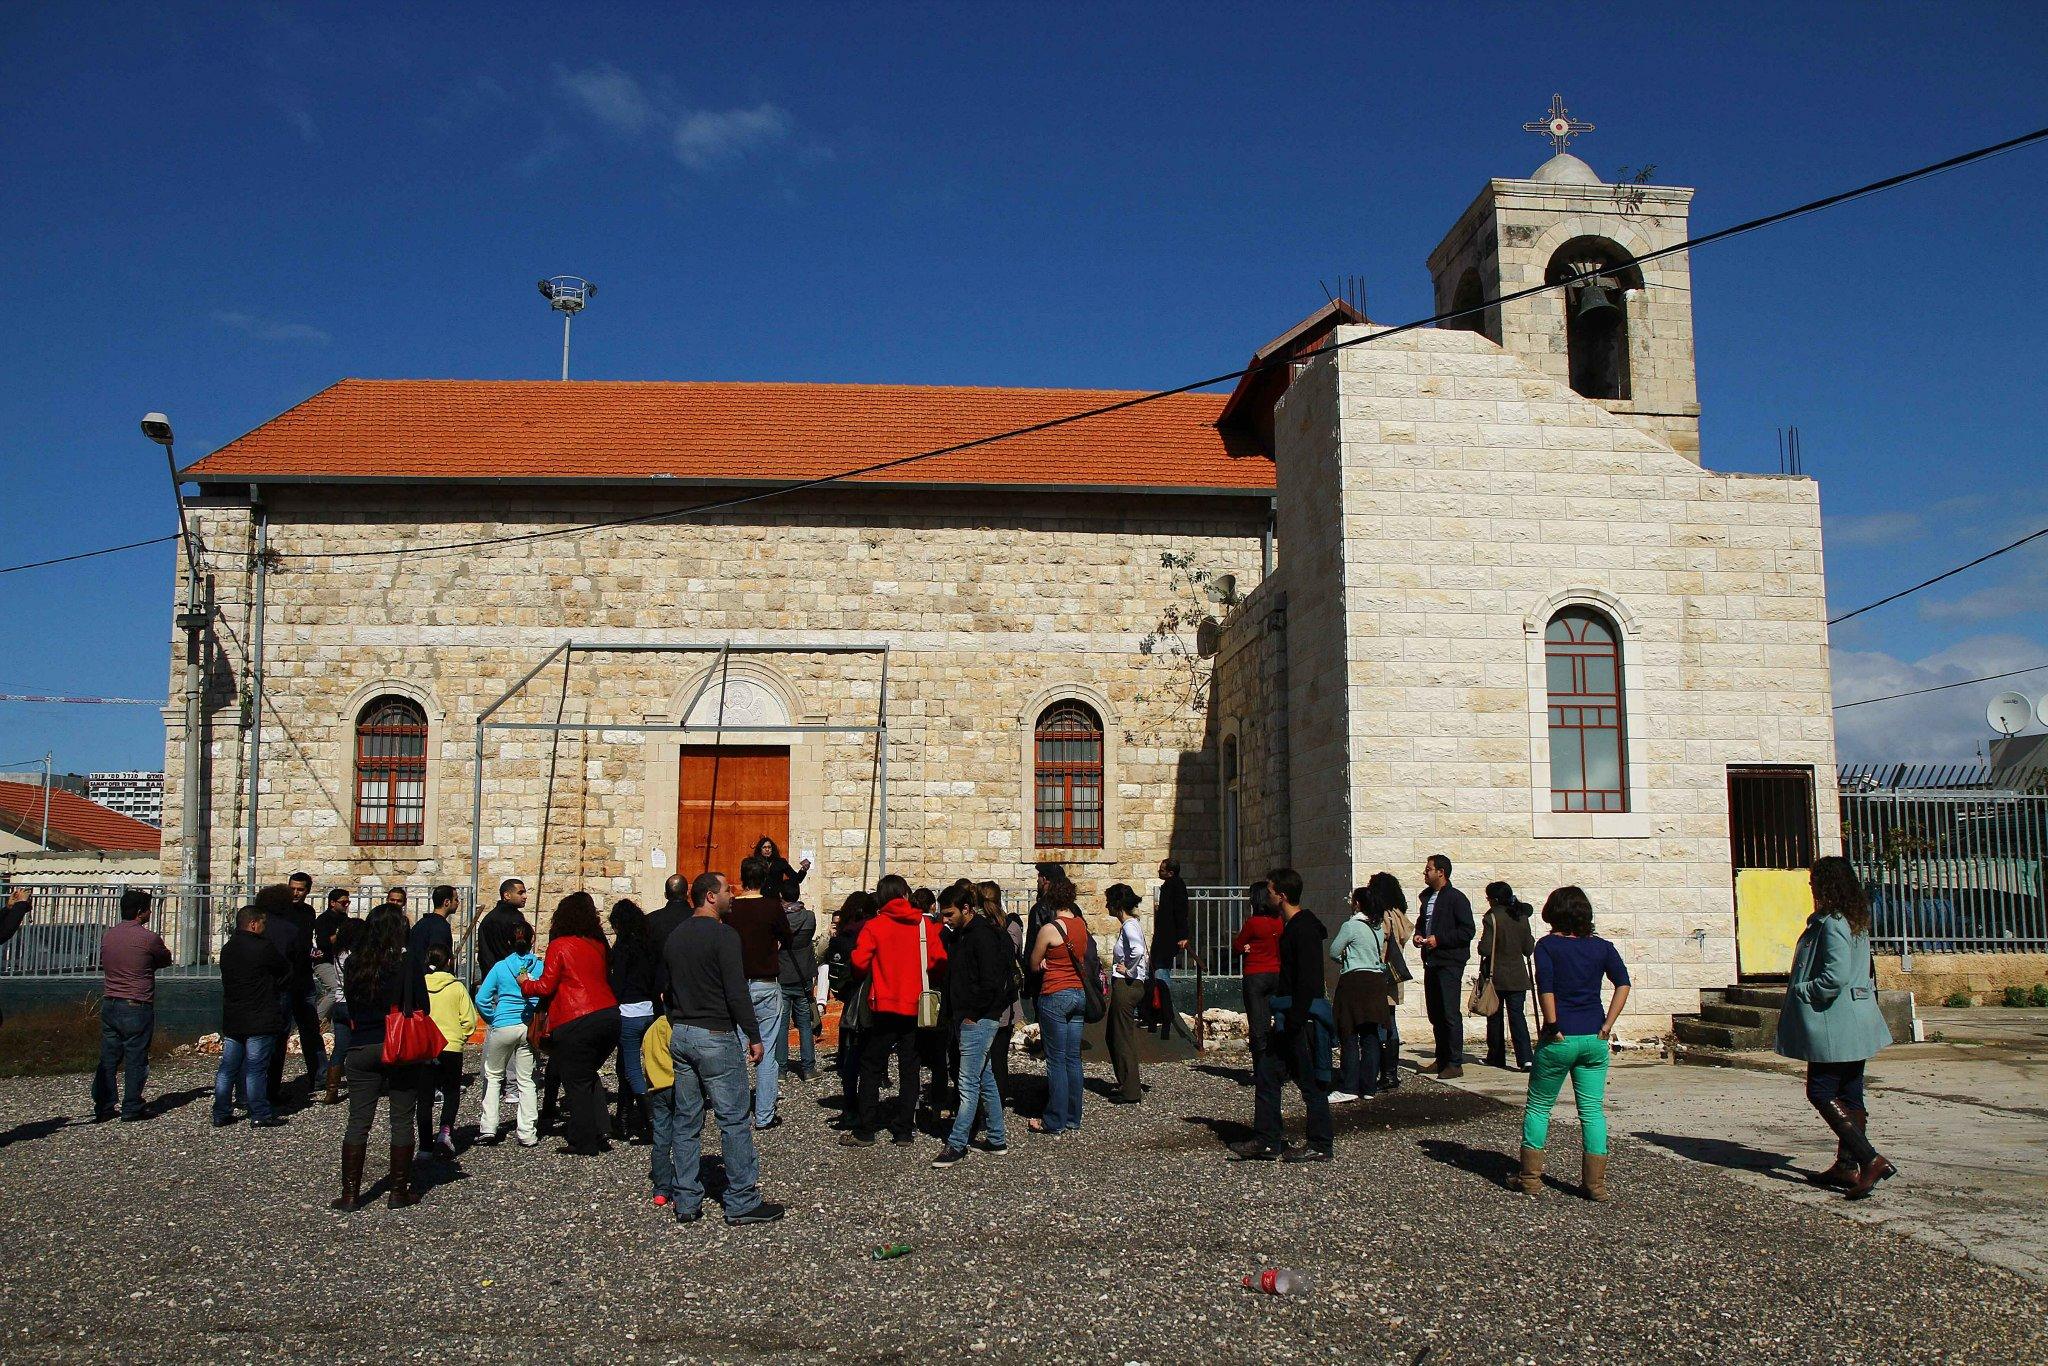 عشرات النشطاء في جولة ميدانية تضامنية في حي المحطة في مدينة حيفا